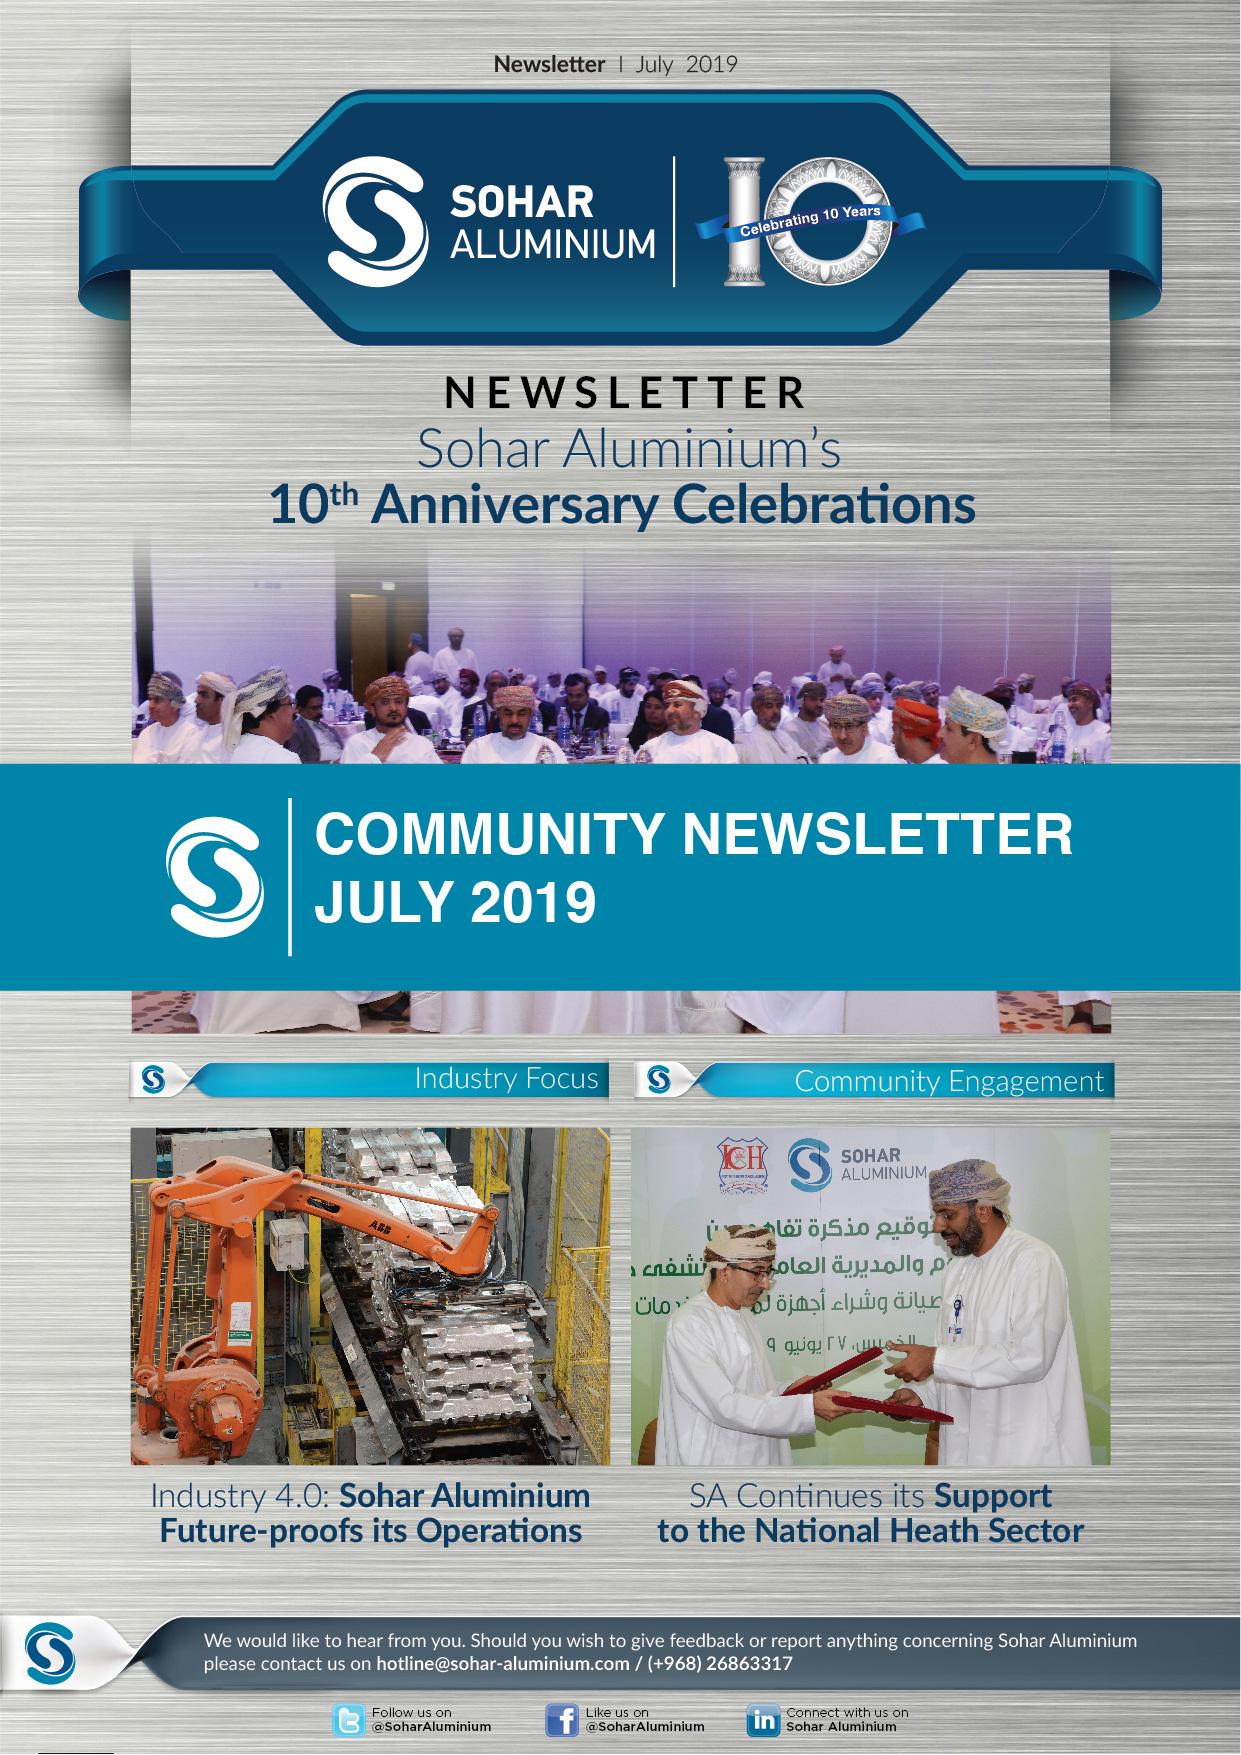 Sohar Aluminium | Oman's first foray into the Aluminium industry